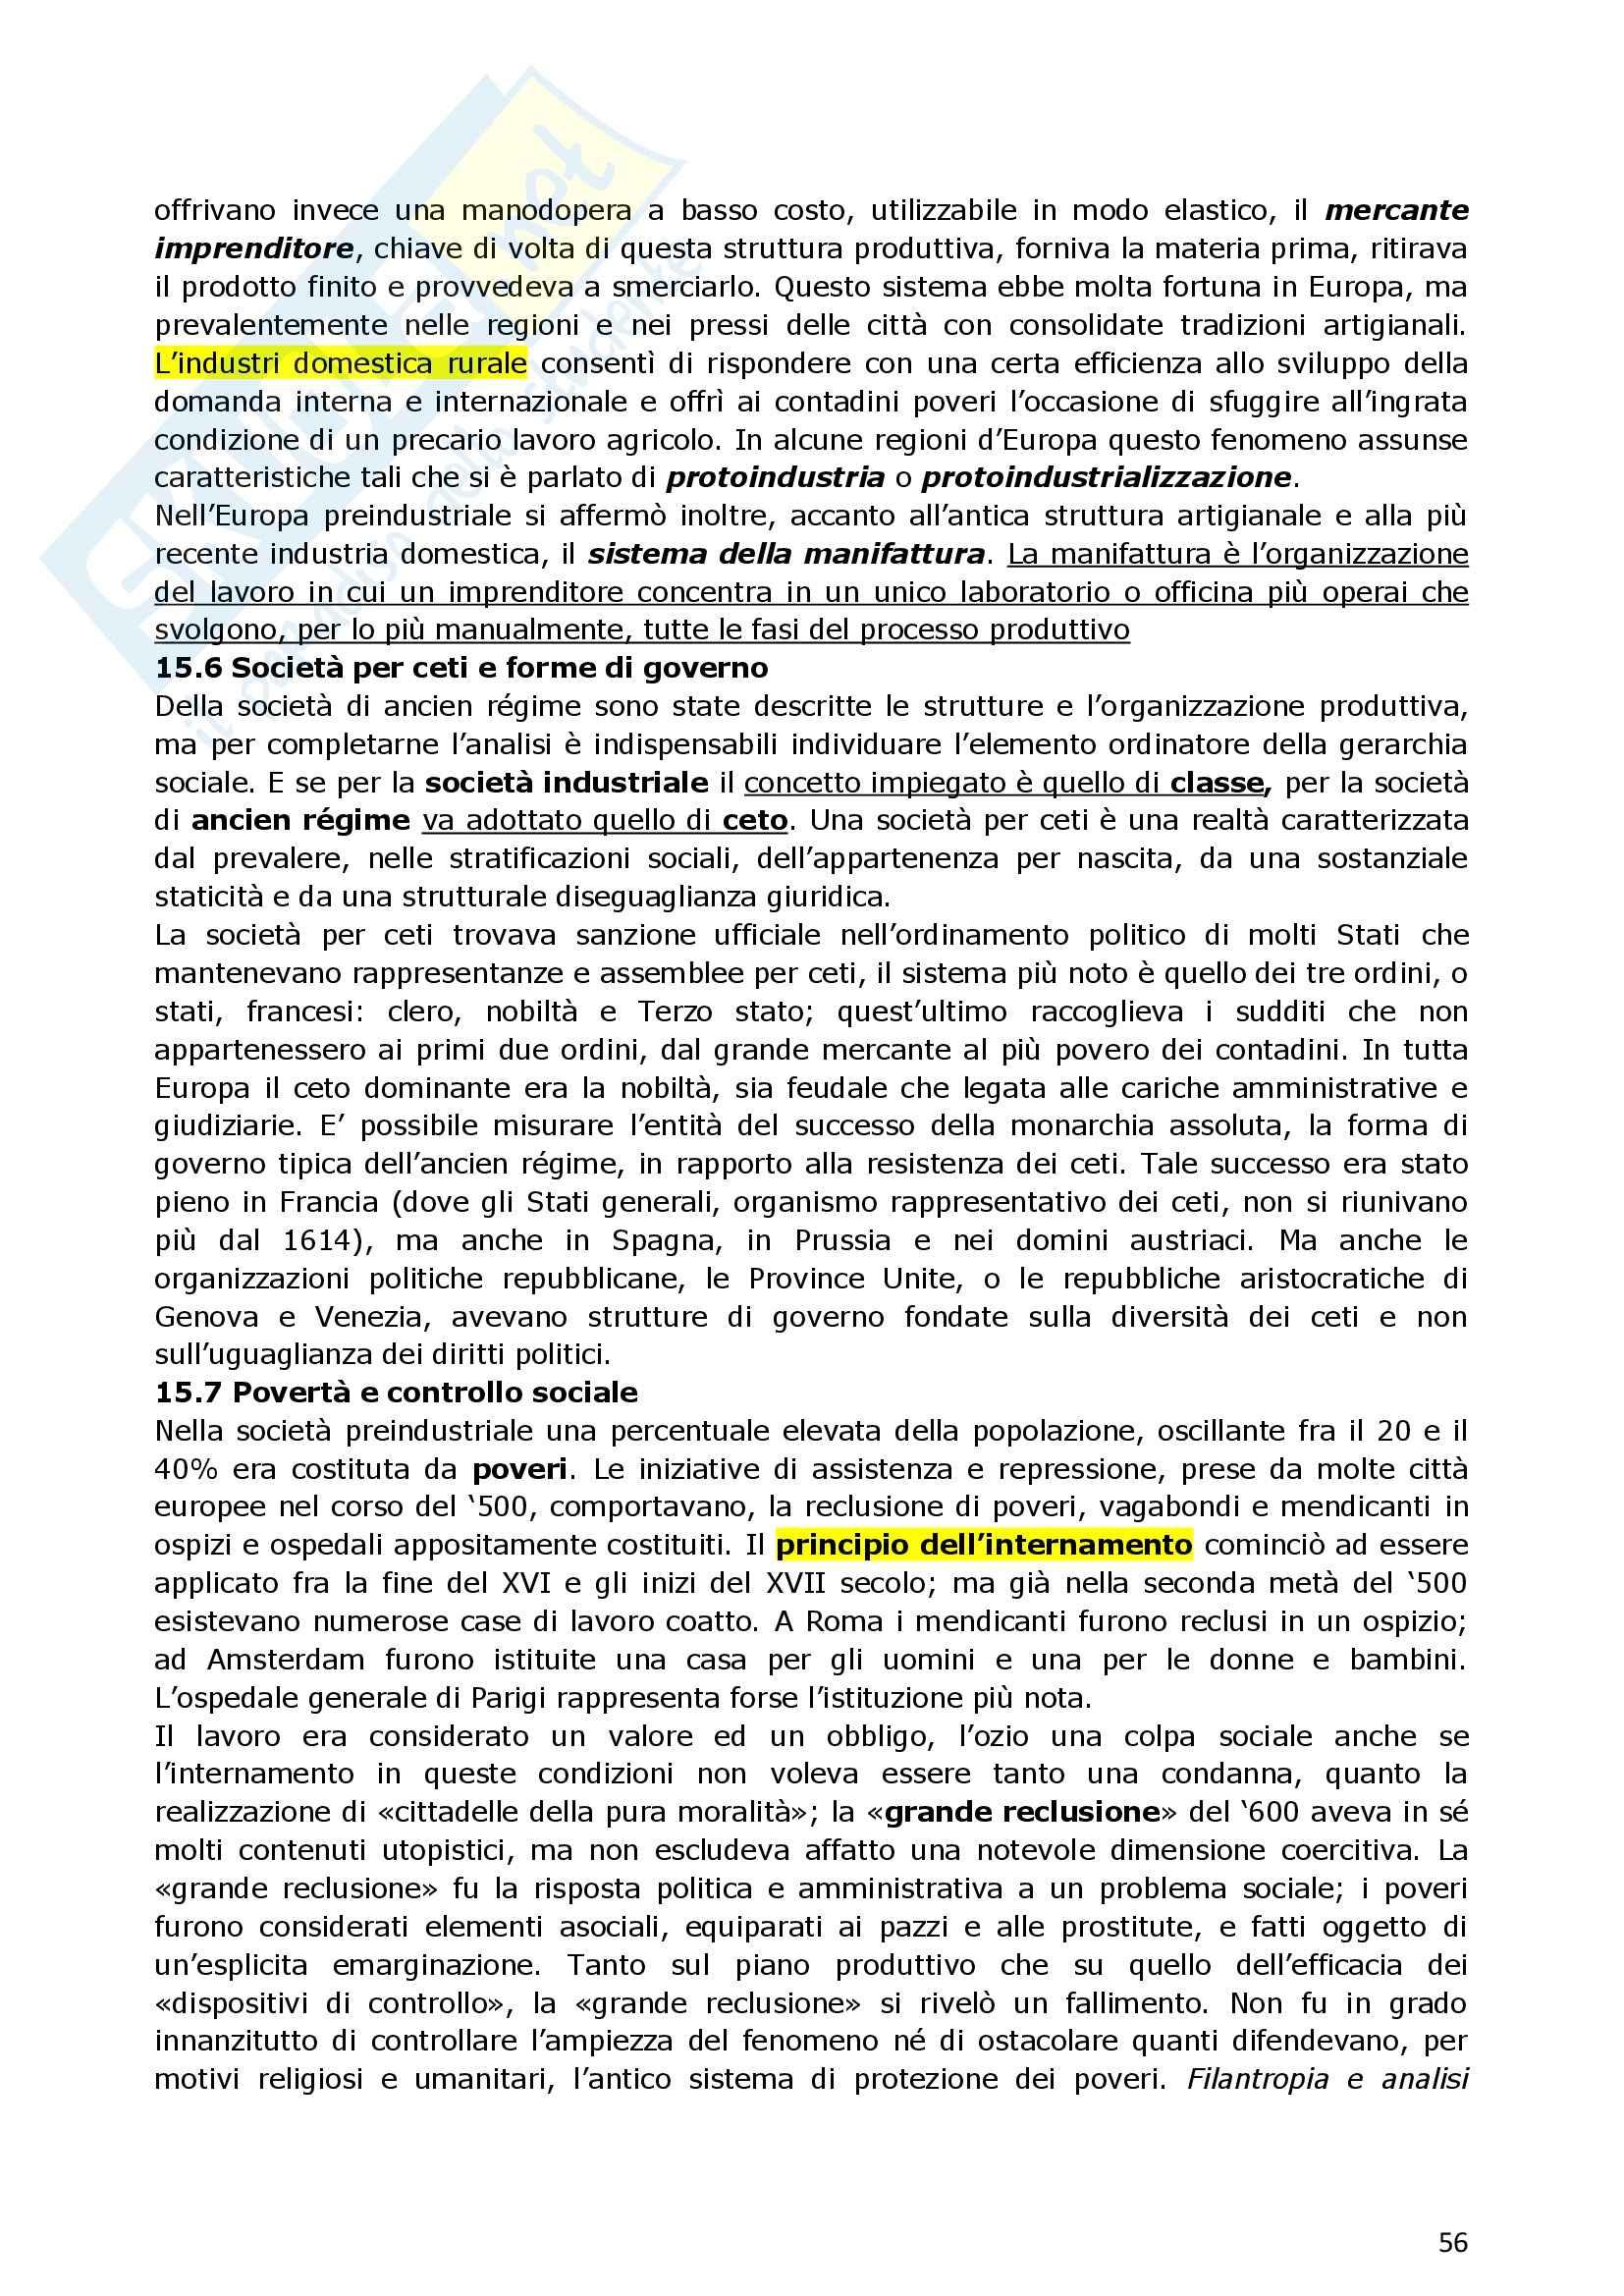 Riassunto esame Storia Moderna, prof. indefinito, libro consigliato Manuale di storia moderna, Ago, Vidotto Pag. 56